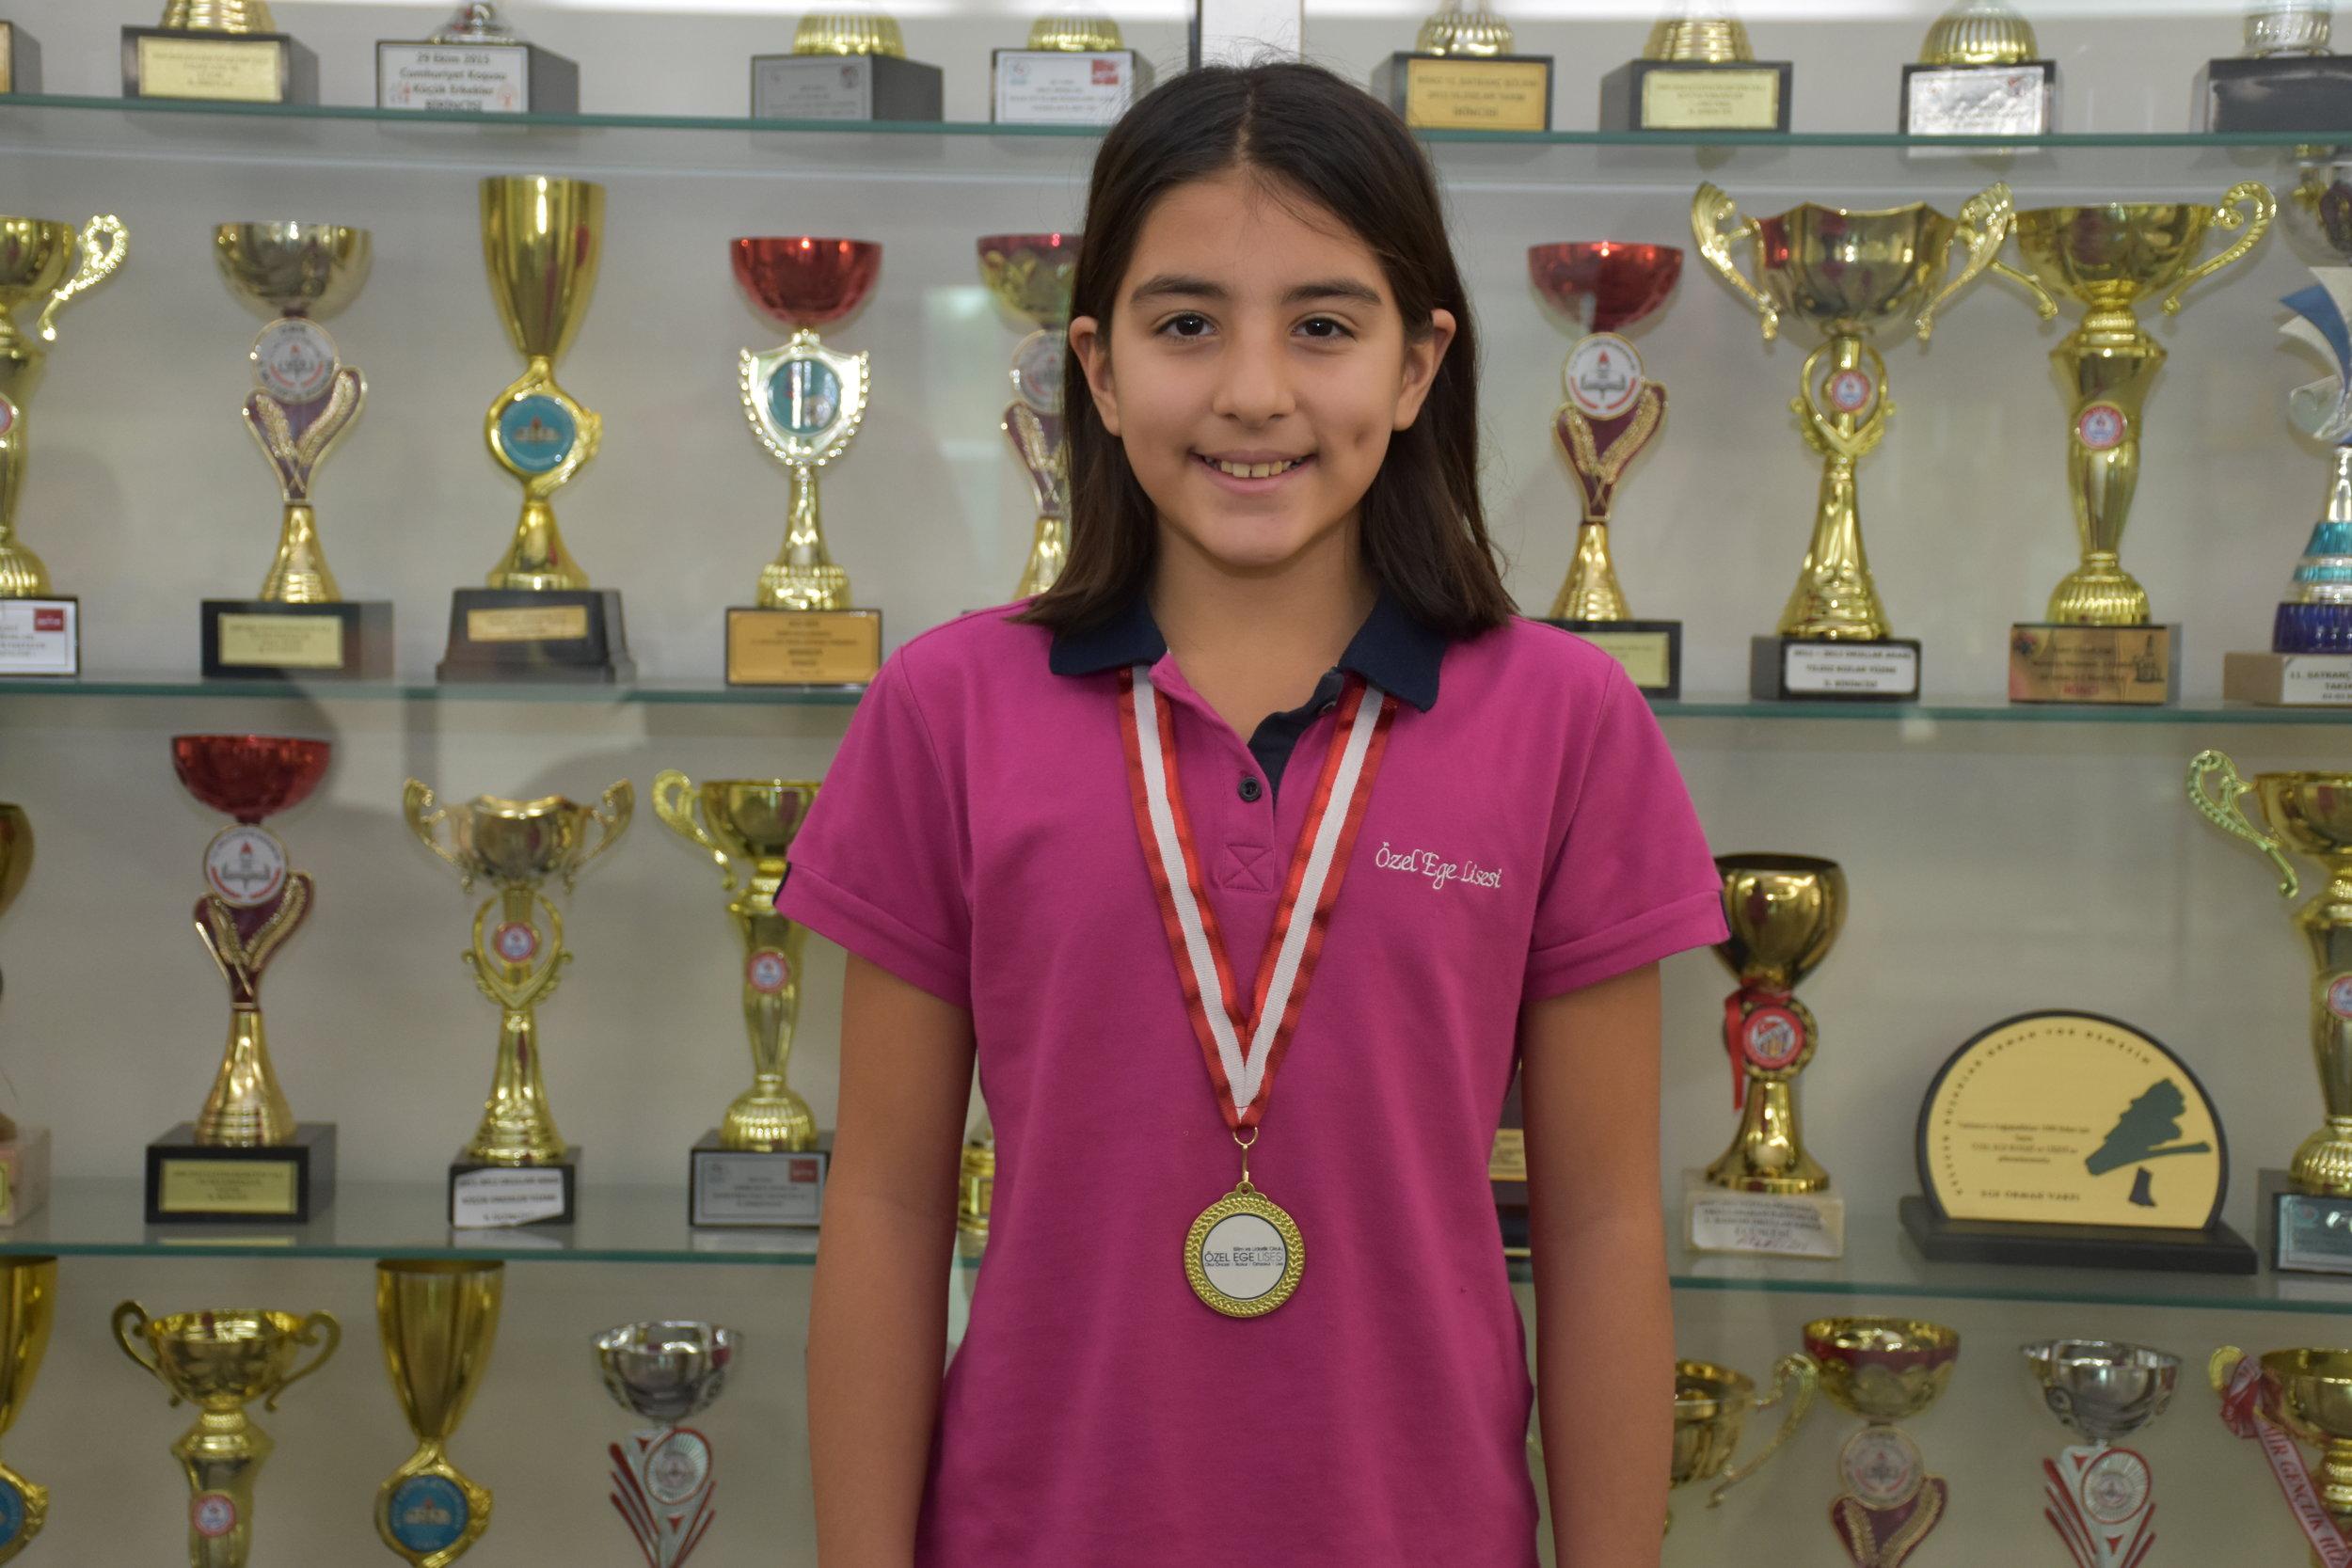 - Türkiye Dağcılık Federasyonu tarafından Malatya'da düzenlenen Kulüpler Arası Tırmanma Şampiyonası'nda, 6/B Sınıfından Melis Pehlivan Türkiye ikincisi olmayı başardı. Tebrikler Melis.